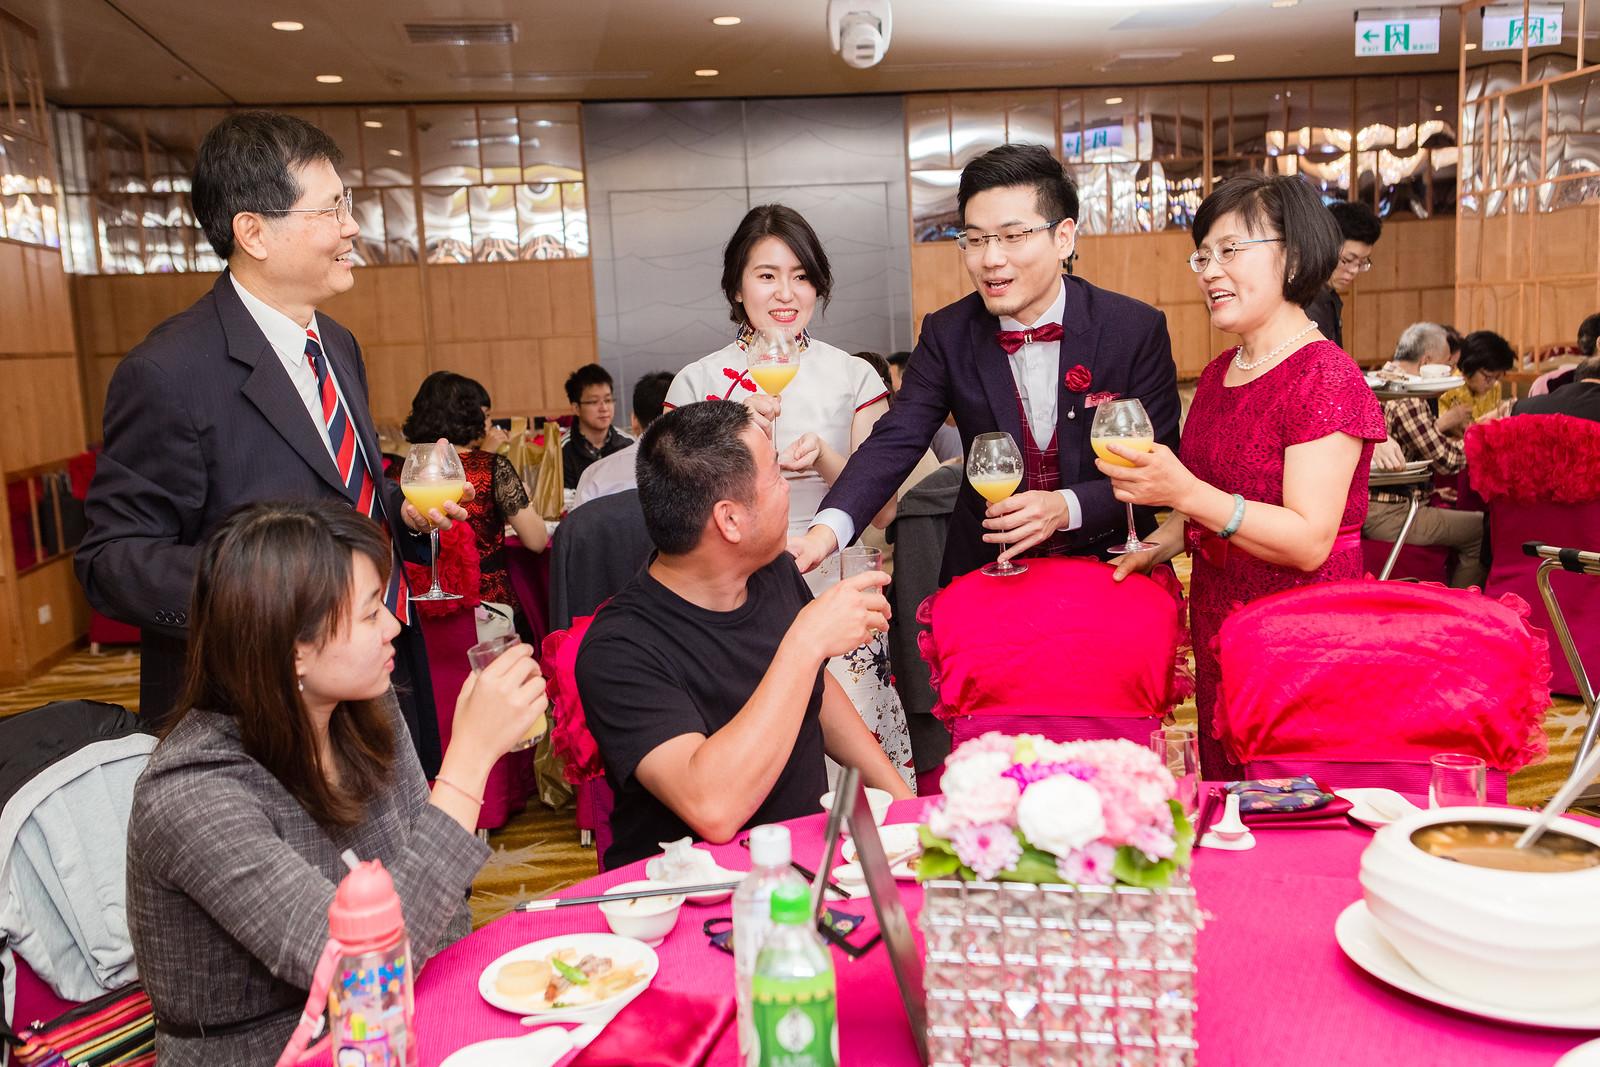 [婚禮攝影] 彥志 & 思文 高雄漢來大飯店 | 午宴宴客 | 婚禮紀錄